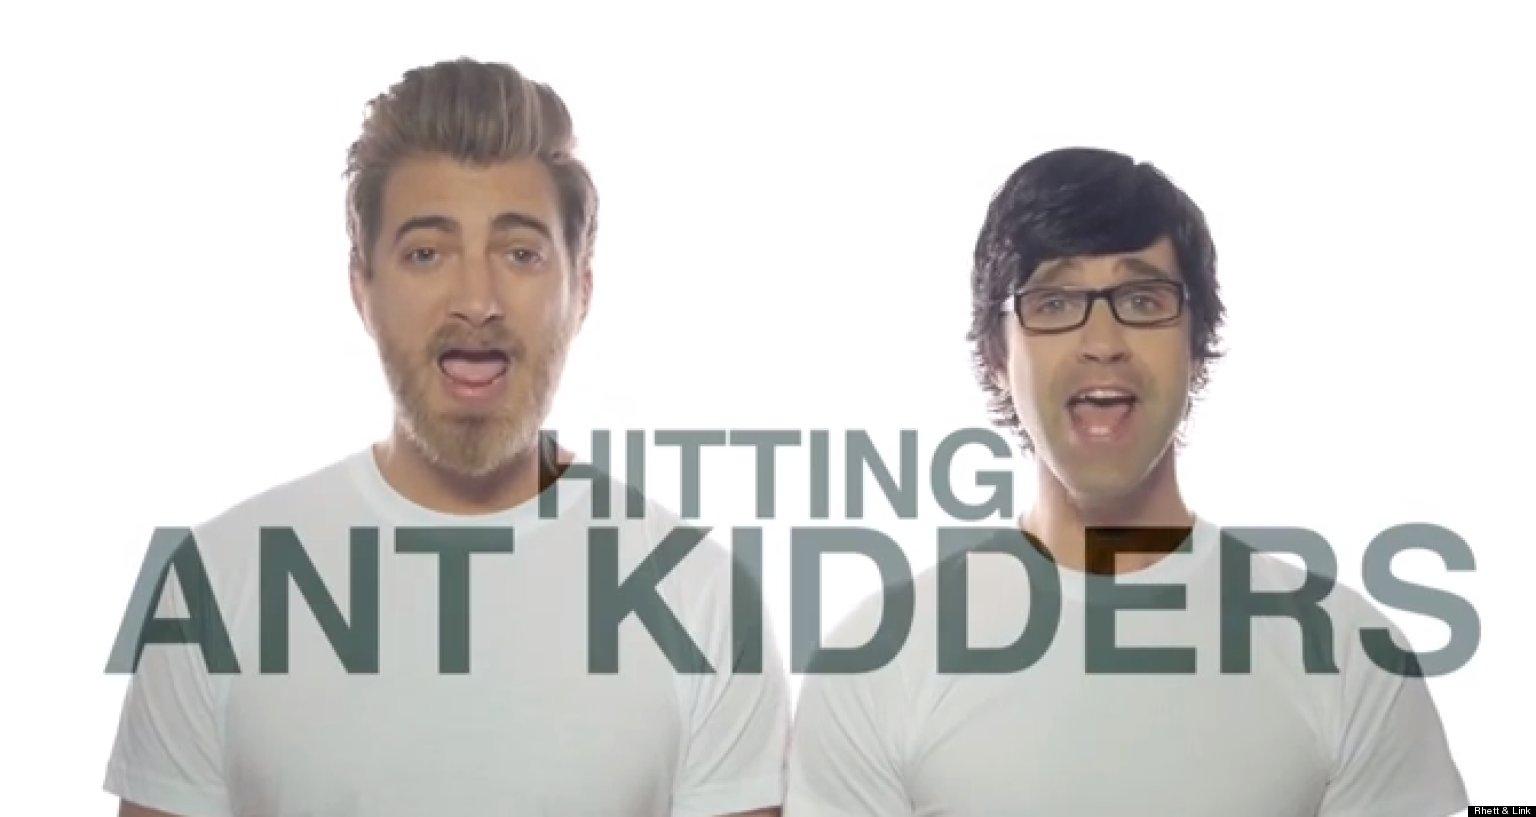 taylor swift youtube caption fails sung by rhett  u0026 link